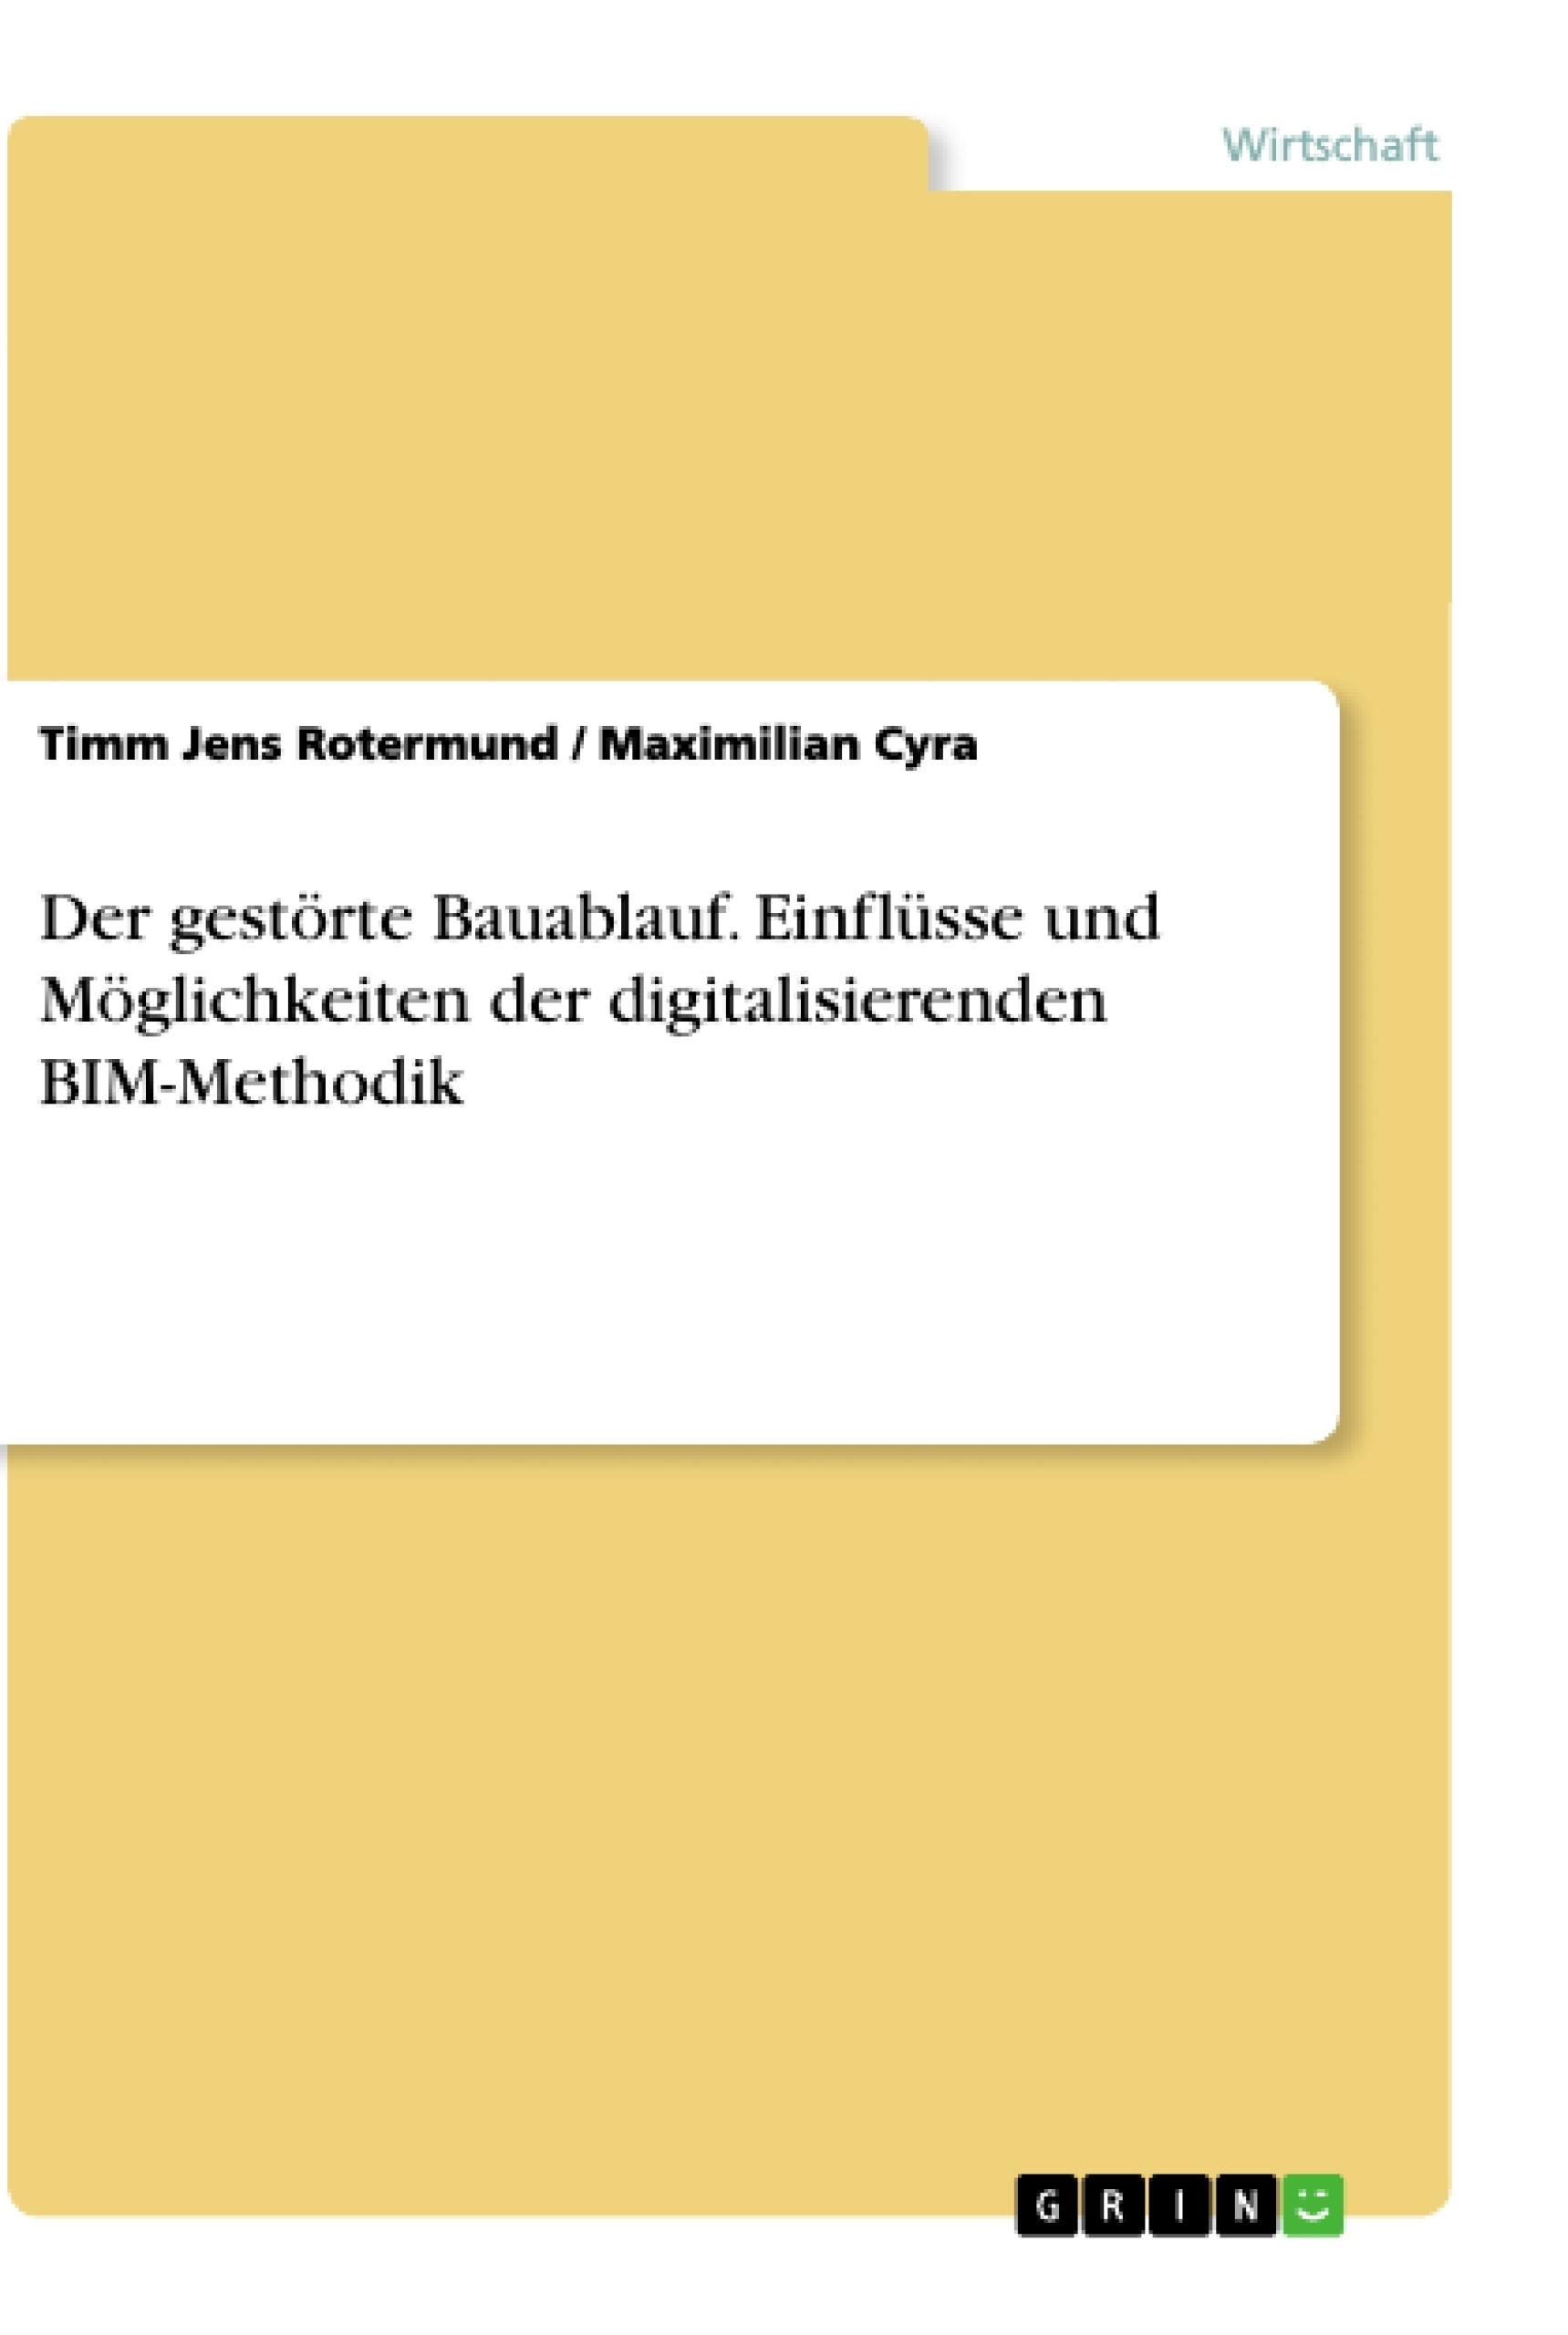 Titel: Der gestörte Bauablauf. Einflüsse und Möglichkeiten der digitalisierenden BIM-Methodik